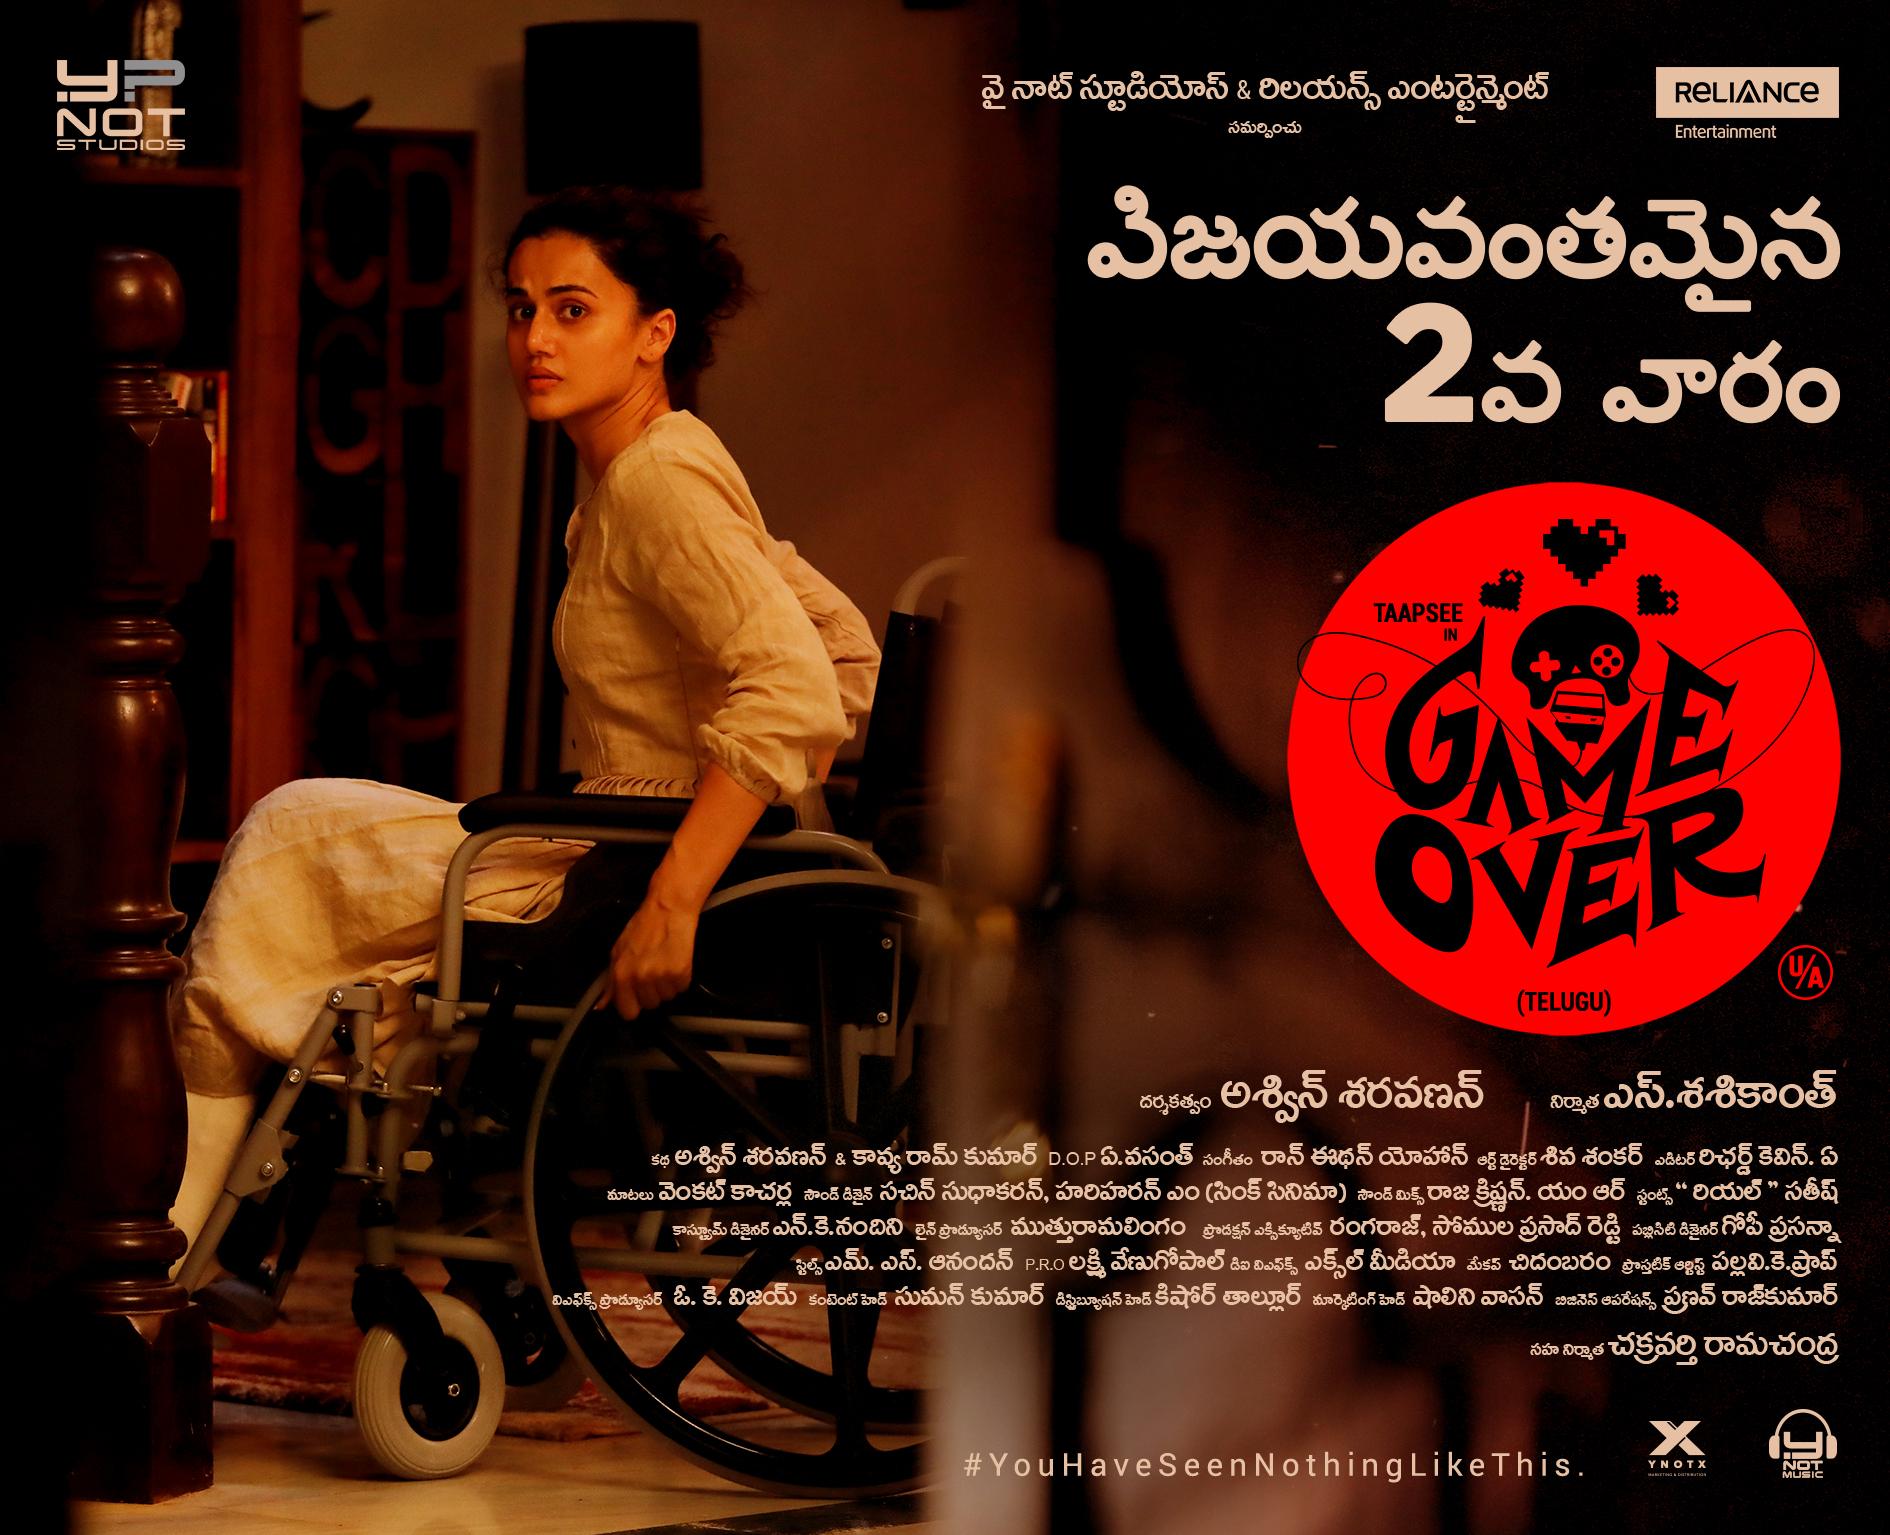 GameOver-Telugu-June21-01